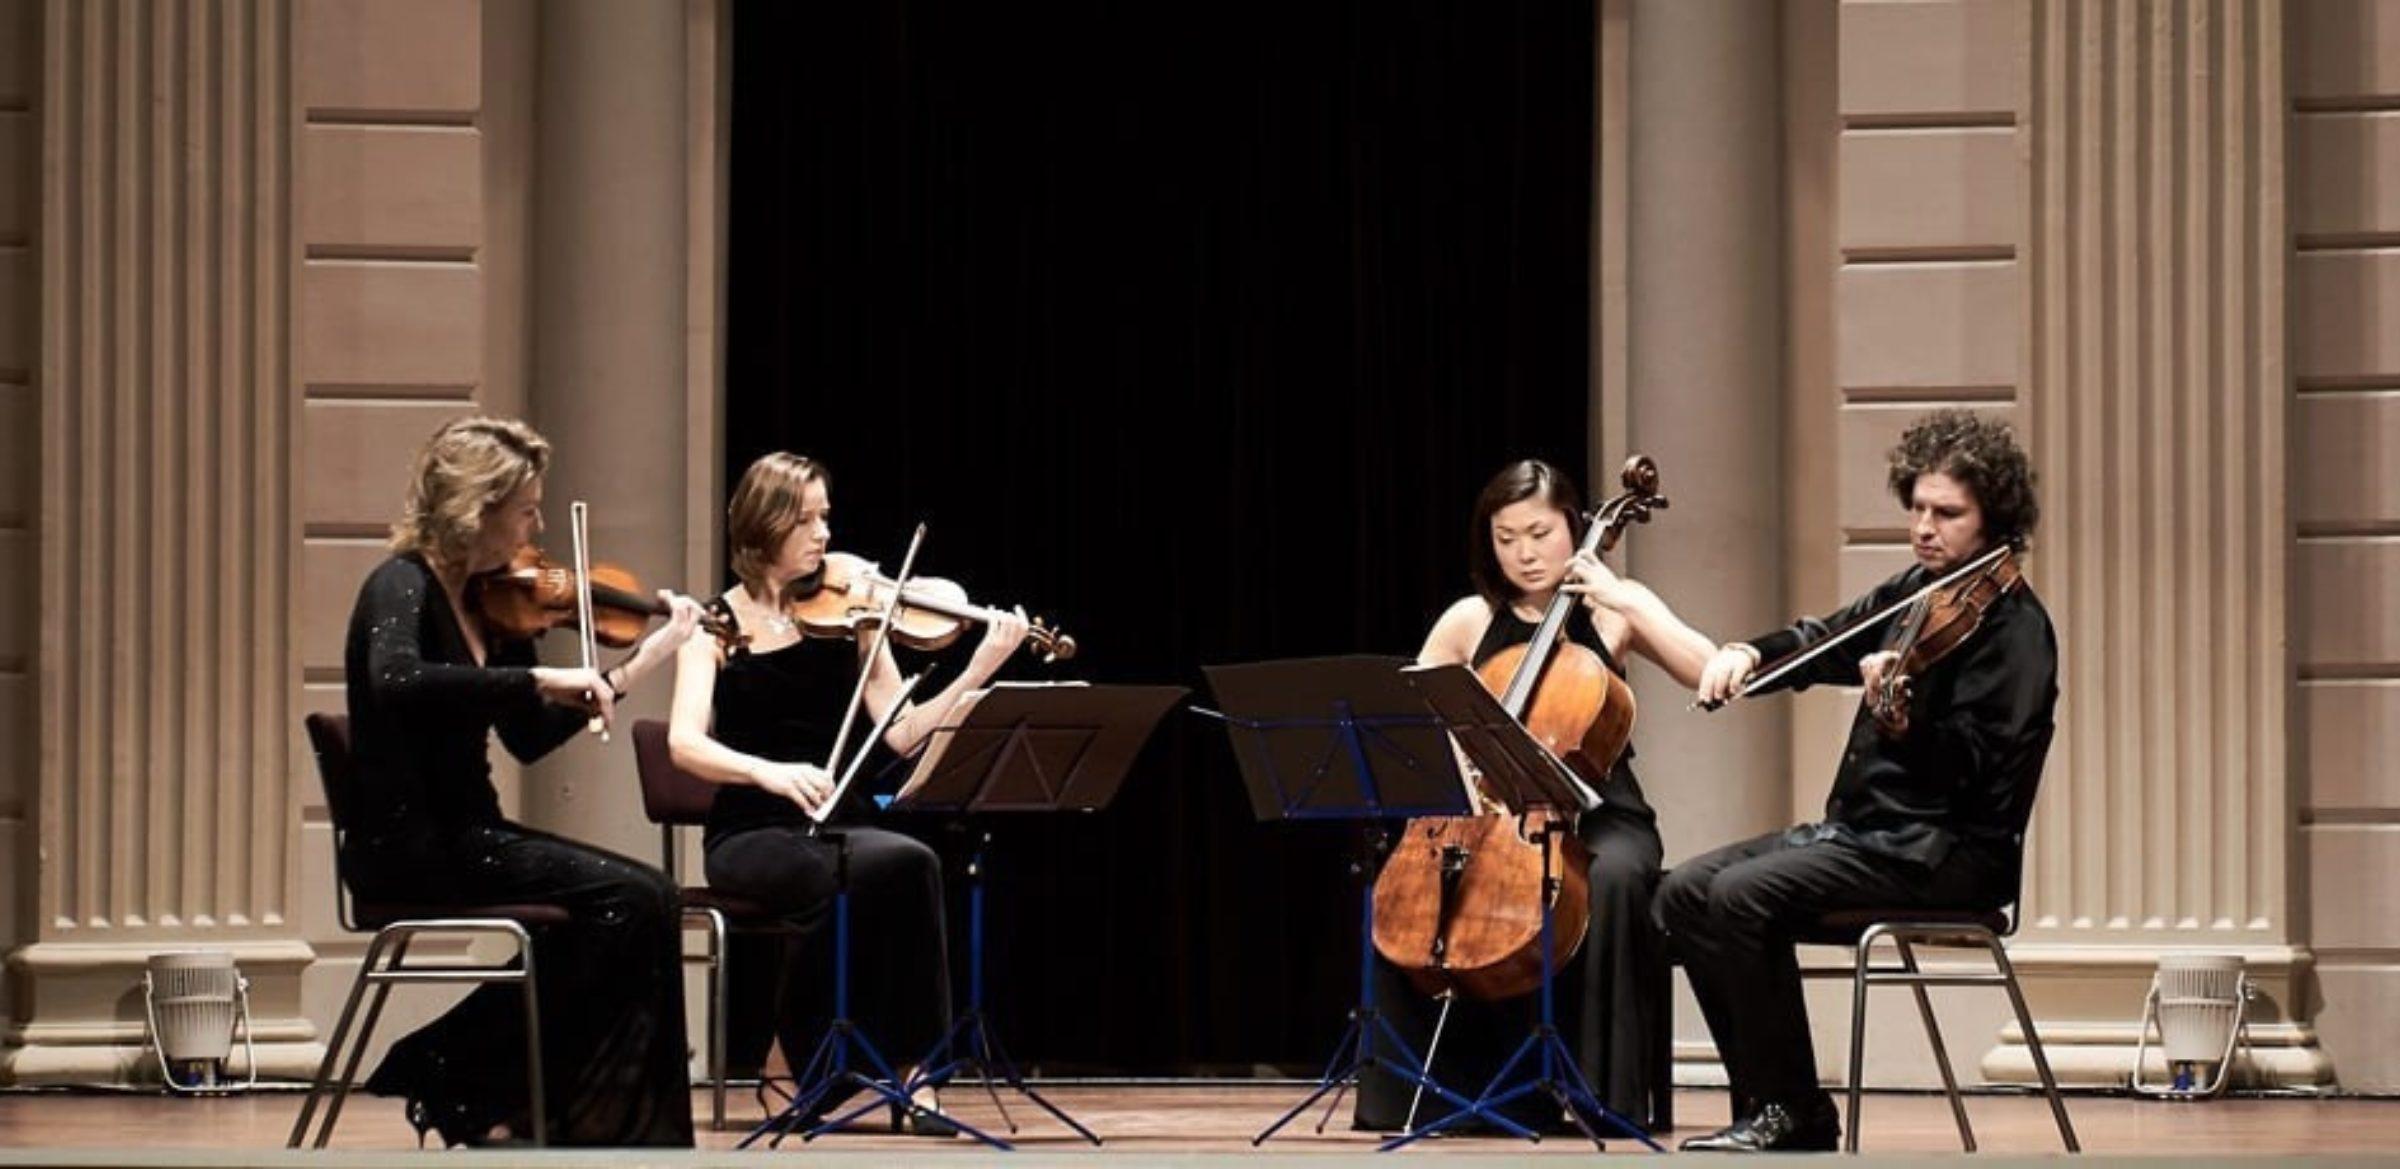 Amsterdam Sinfonietta Solisten 2644 1554714741 35hxfxx1tj